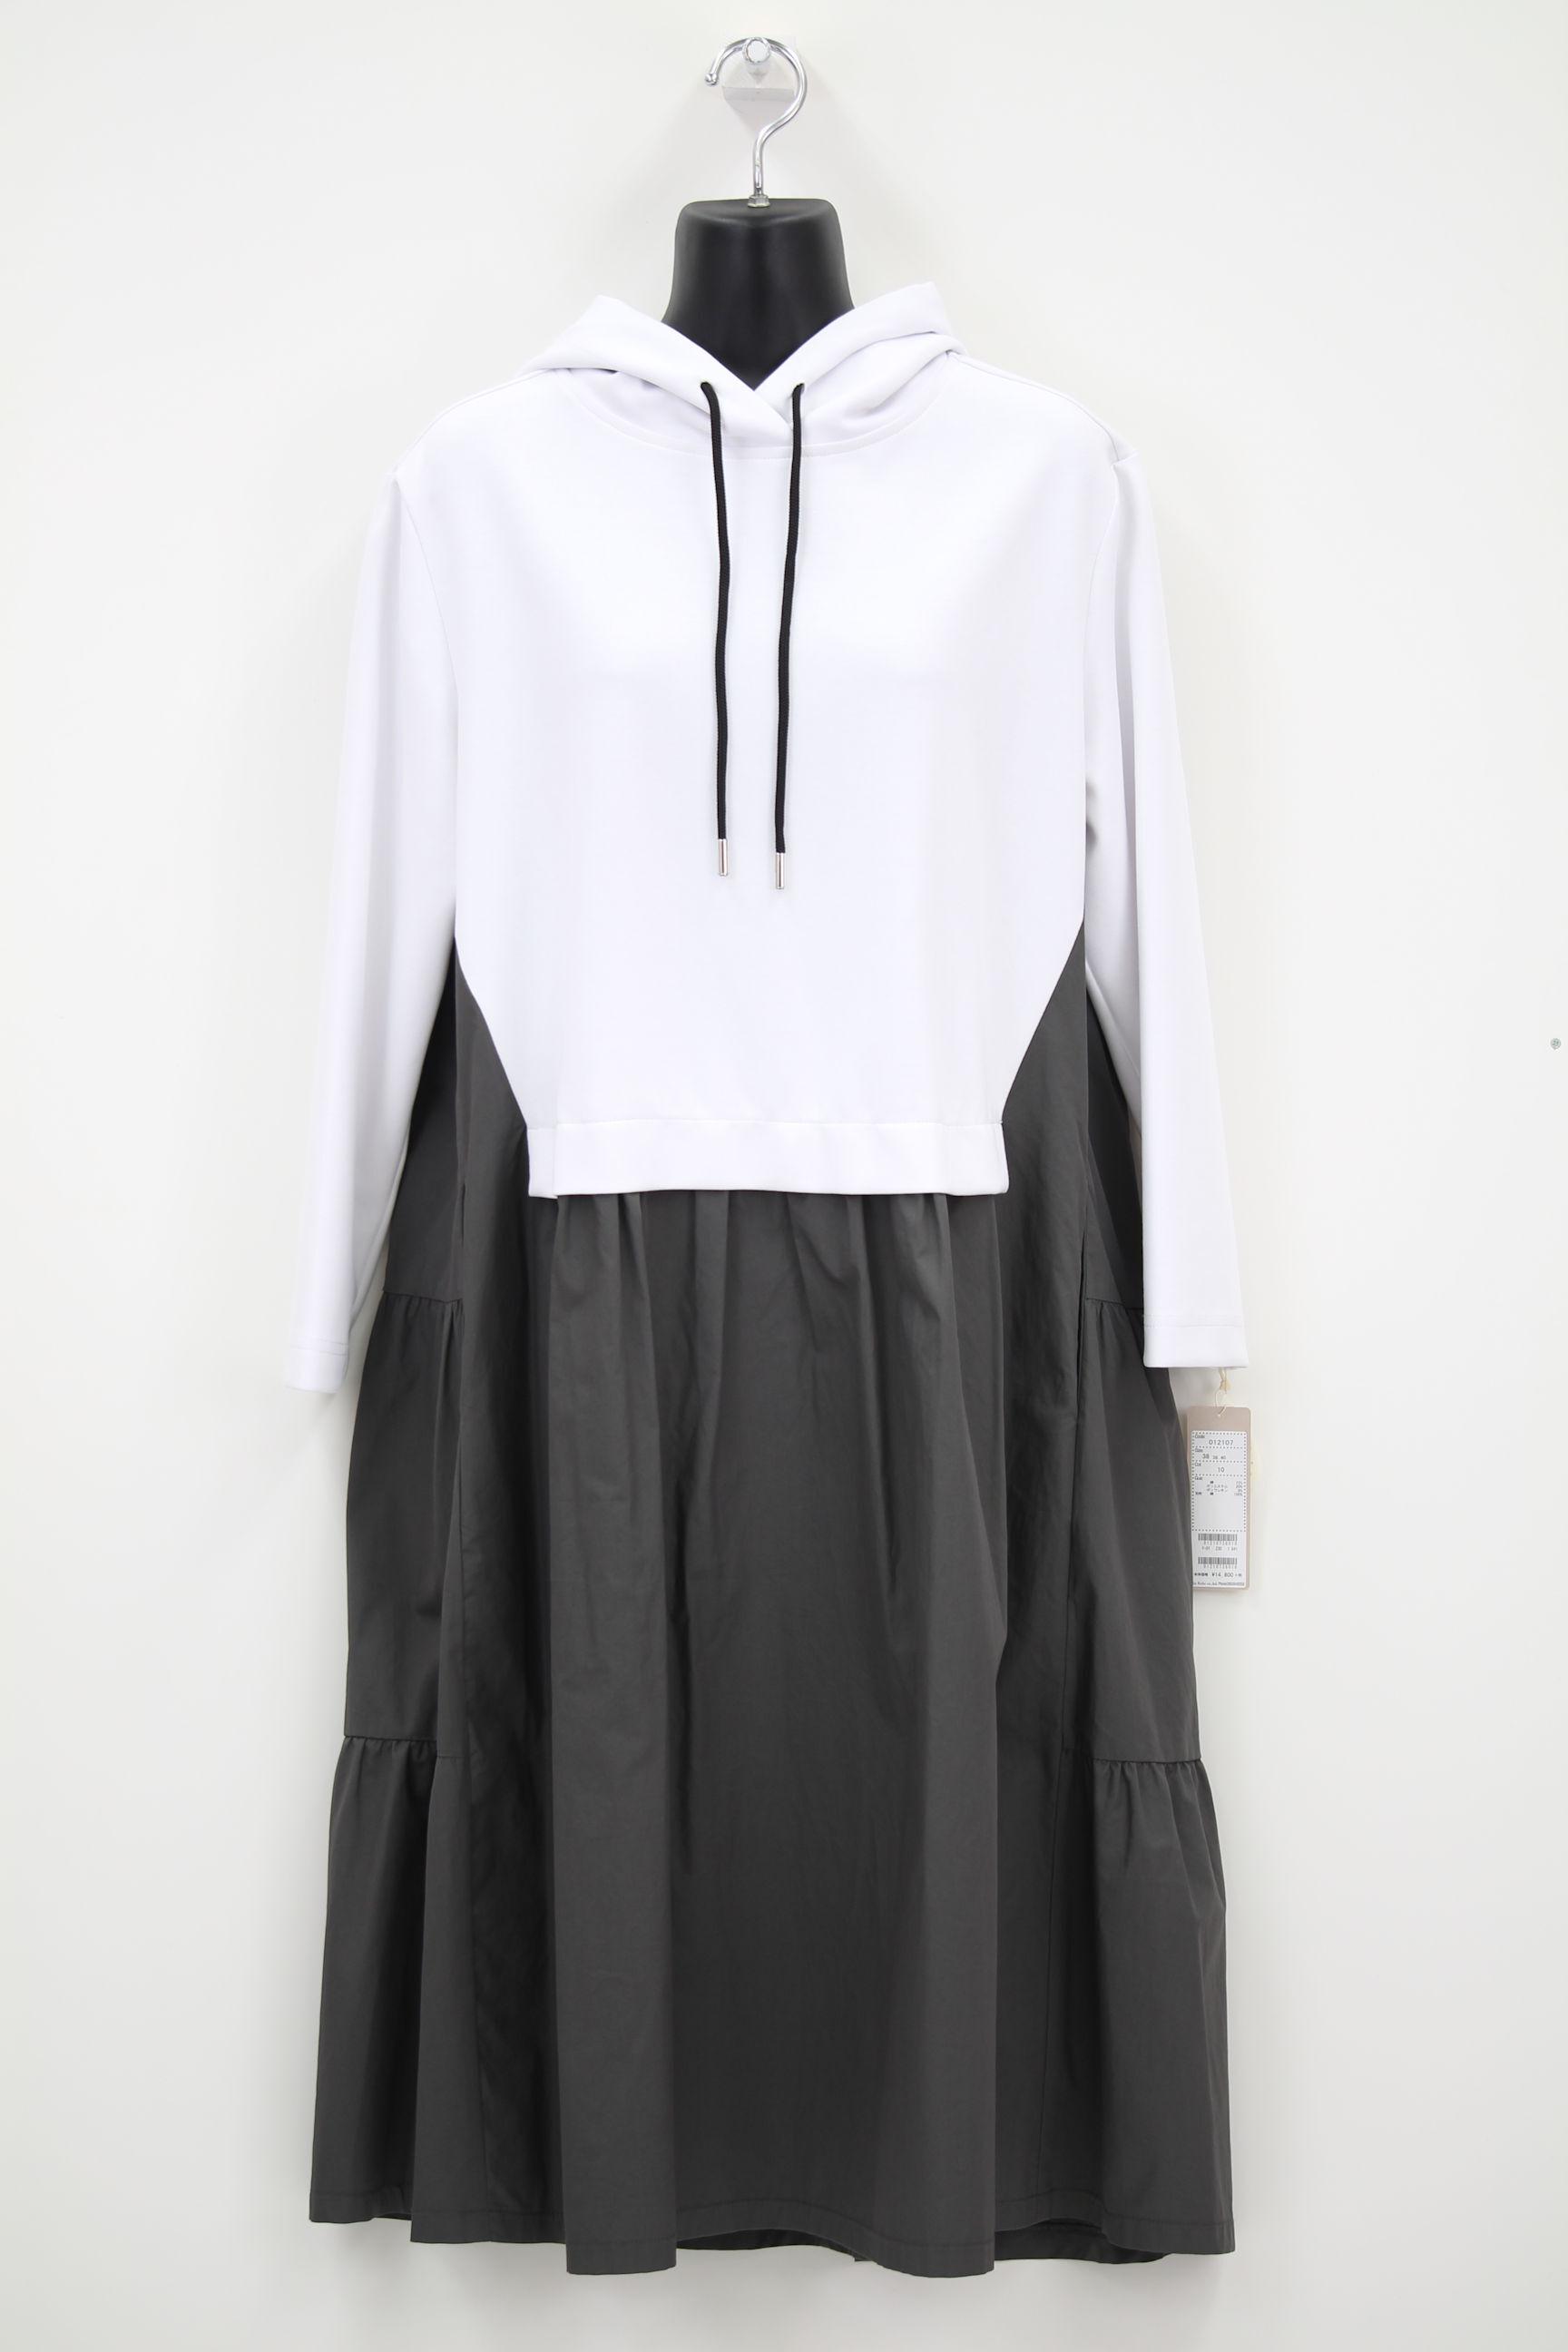 ティアード×パーカーワンピ【白×グレー】